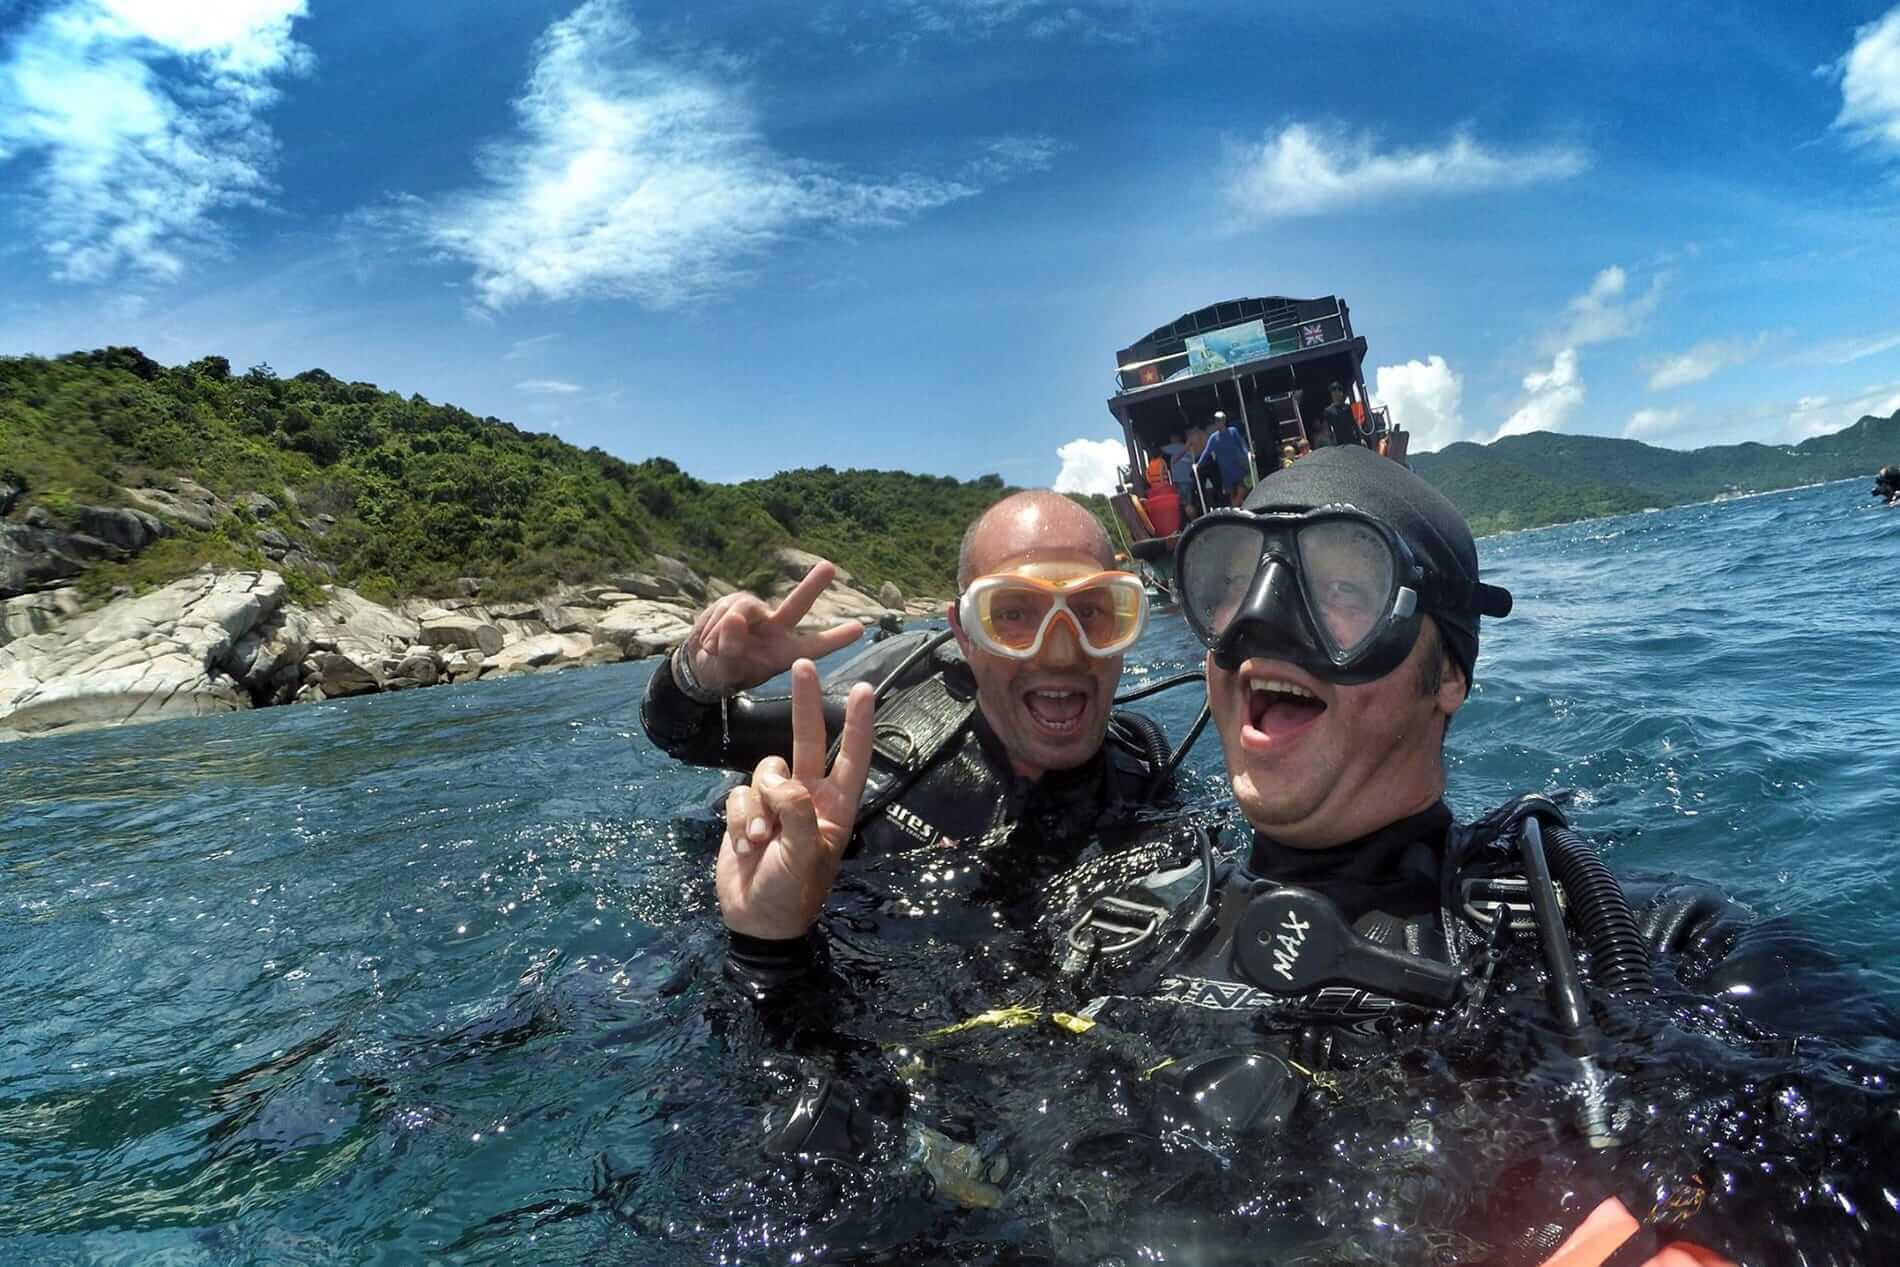 Plongée sous-marine sur l'île de Cham